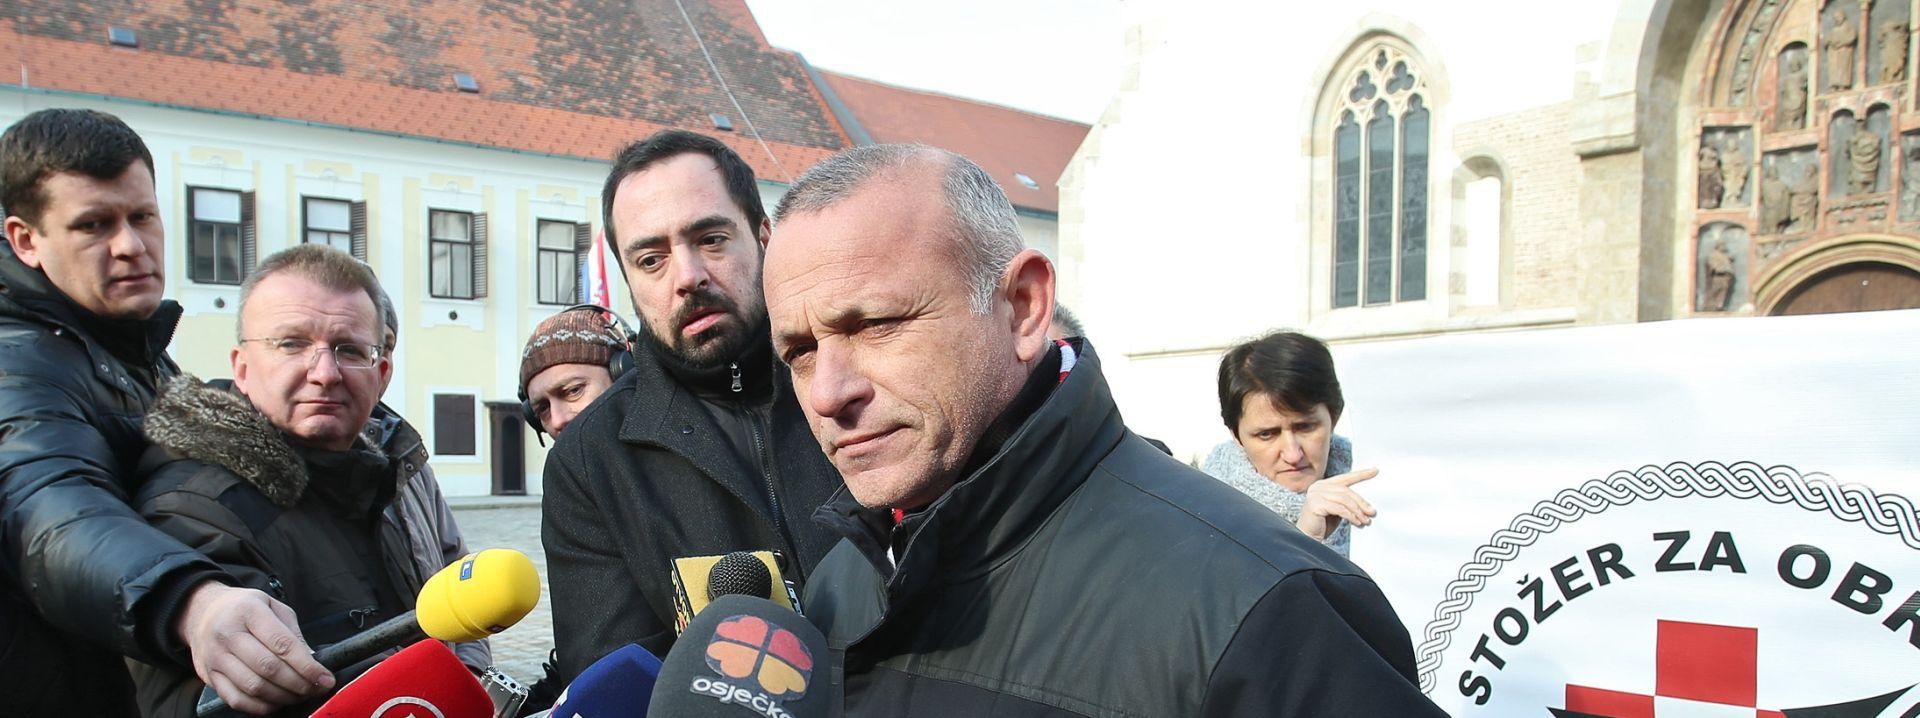 Tomislavu Josiću 7000 kuna kazne za klevetu oca premijera Milanovića